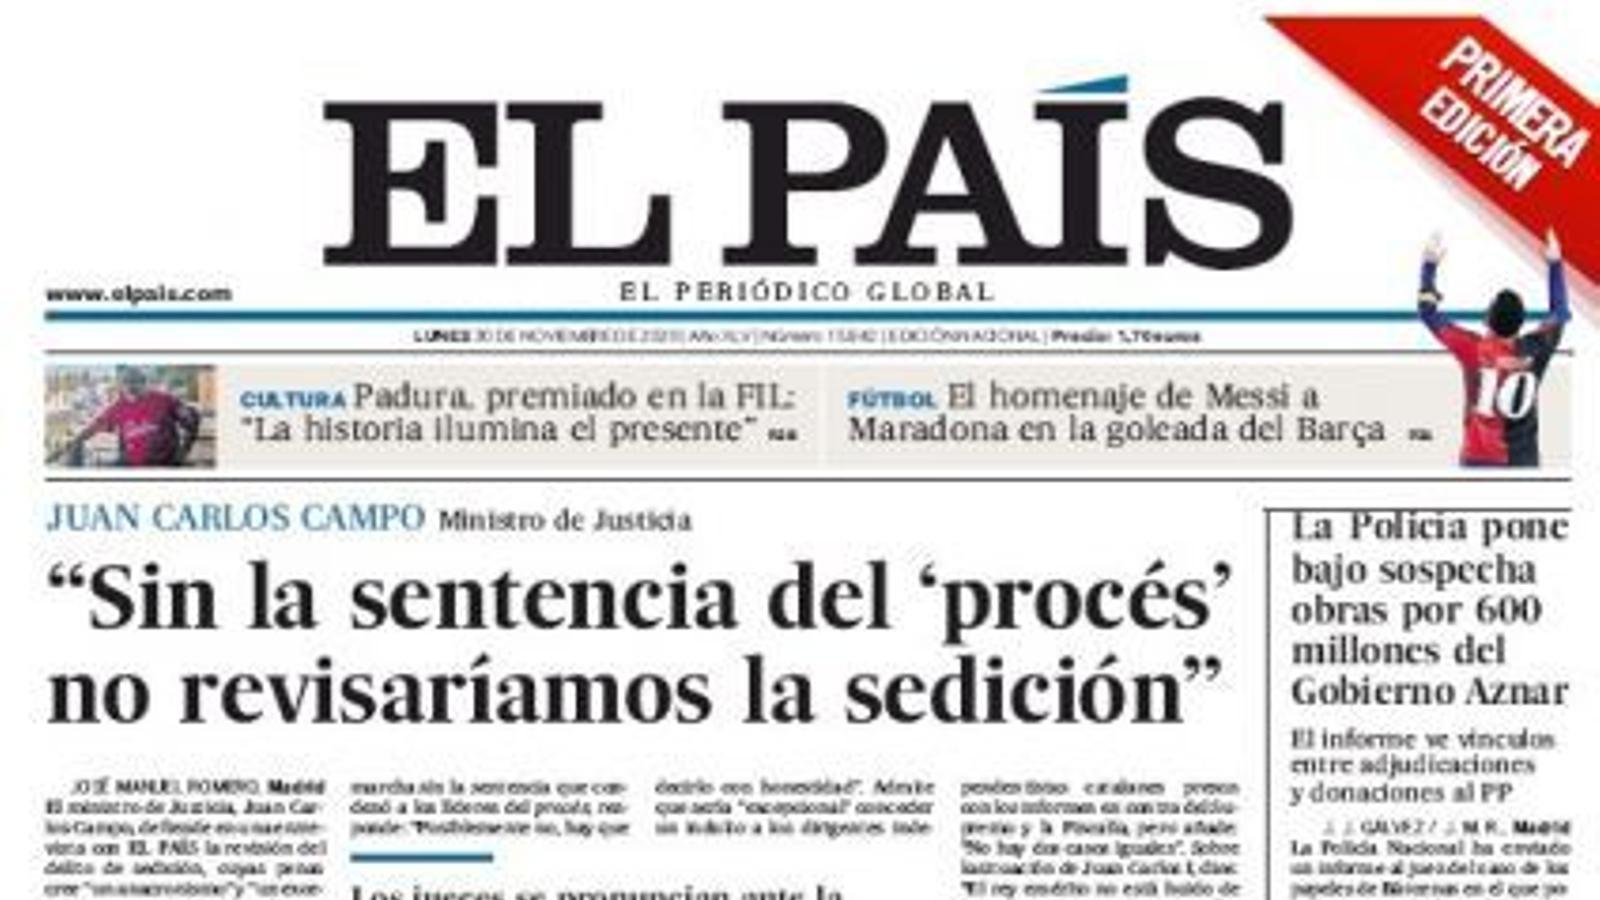 30/11 El País